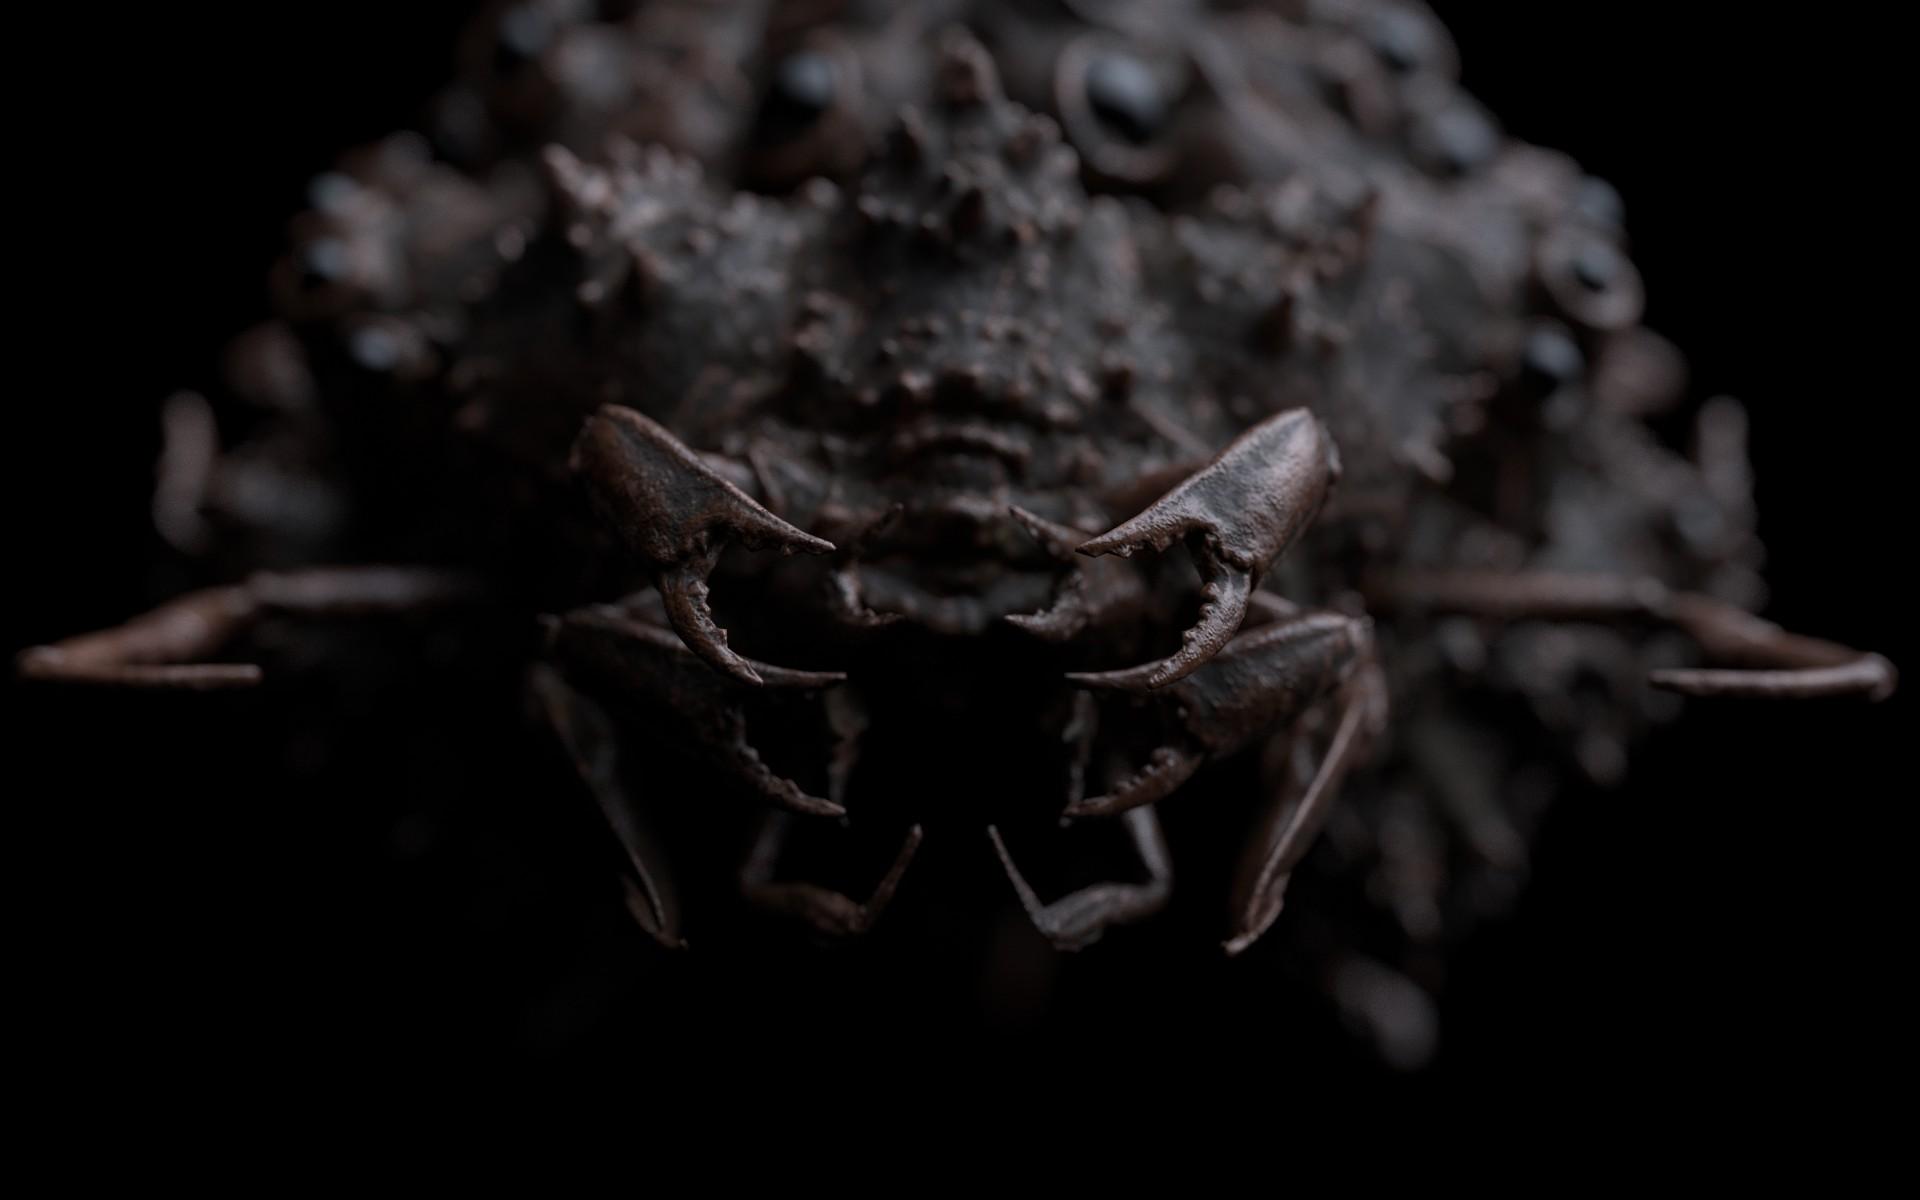 Creature_Face_03.jpg